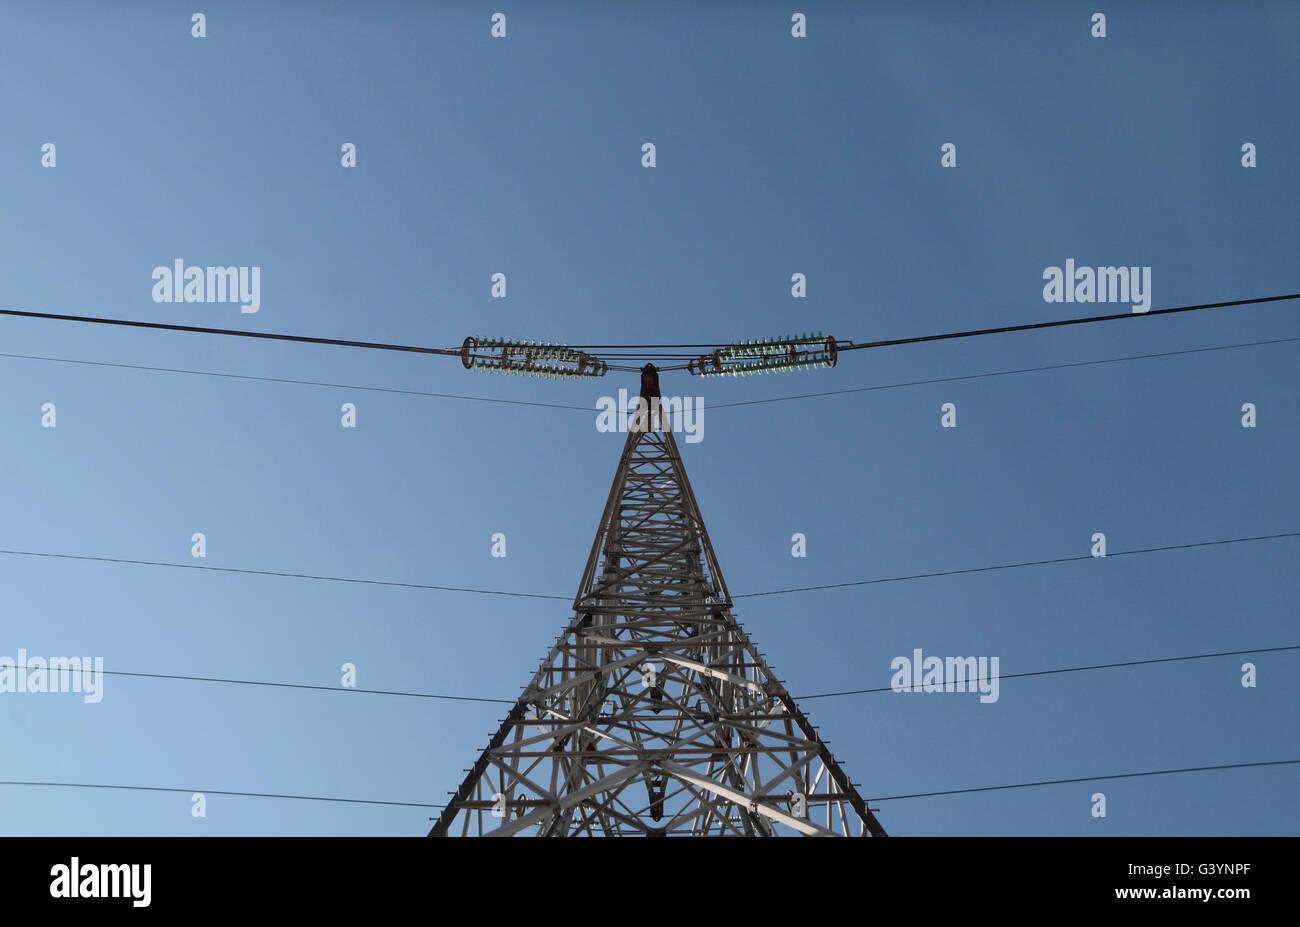 Mirando hacia arriba a un poste eléctrico en el norte de Francia. Imagen De Stock